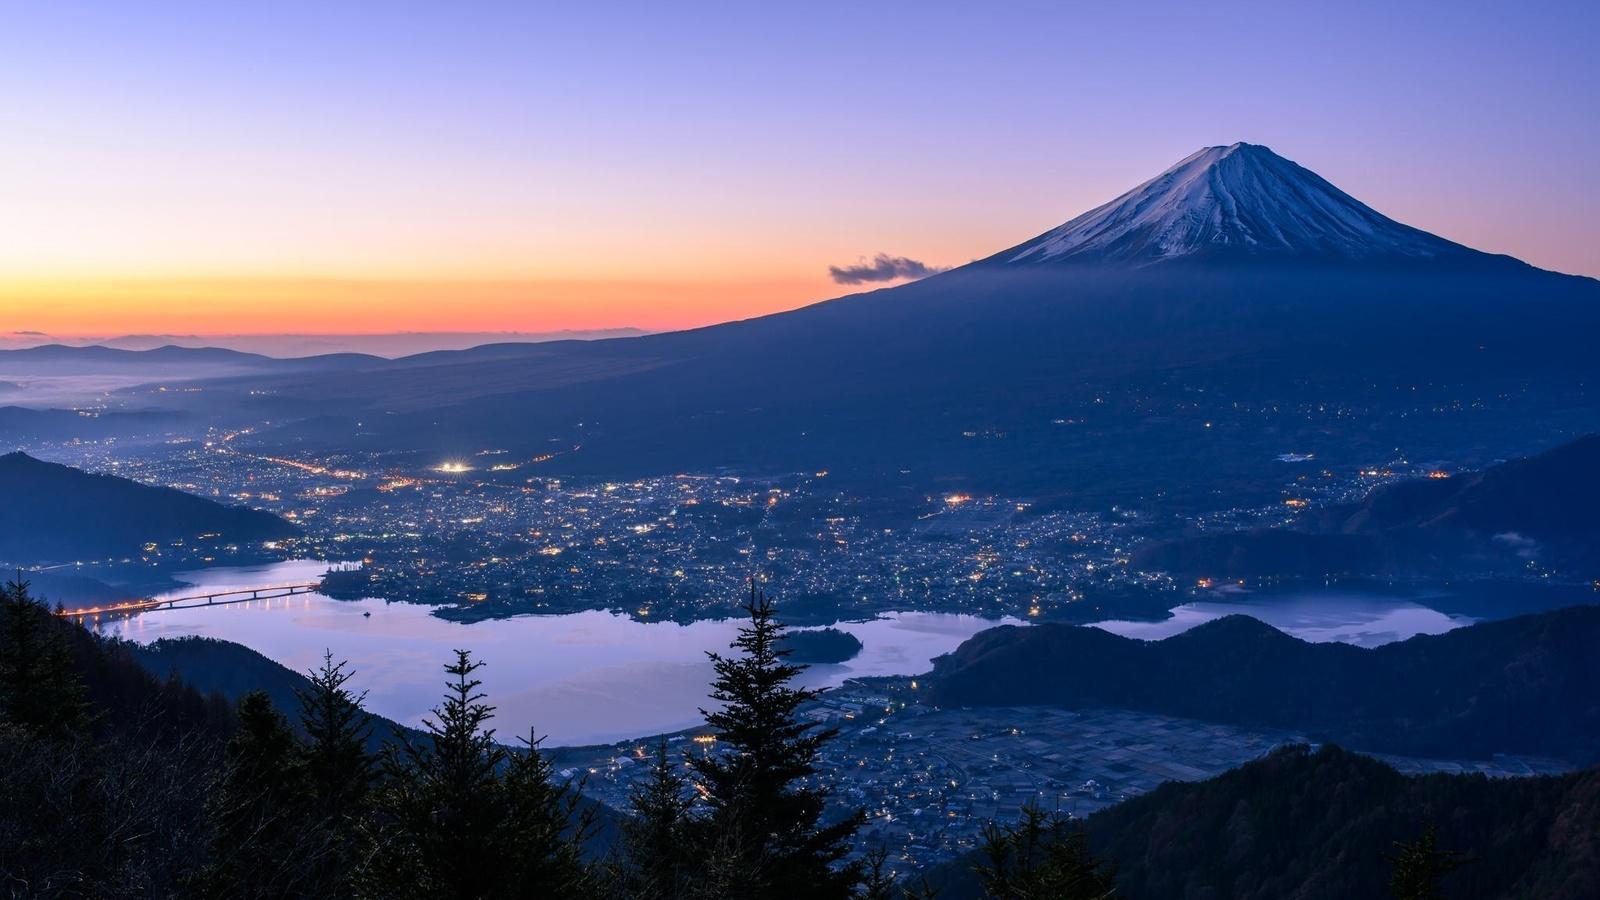 гора фудзияма в японии фото презентация направления